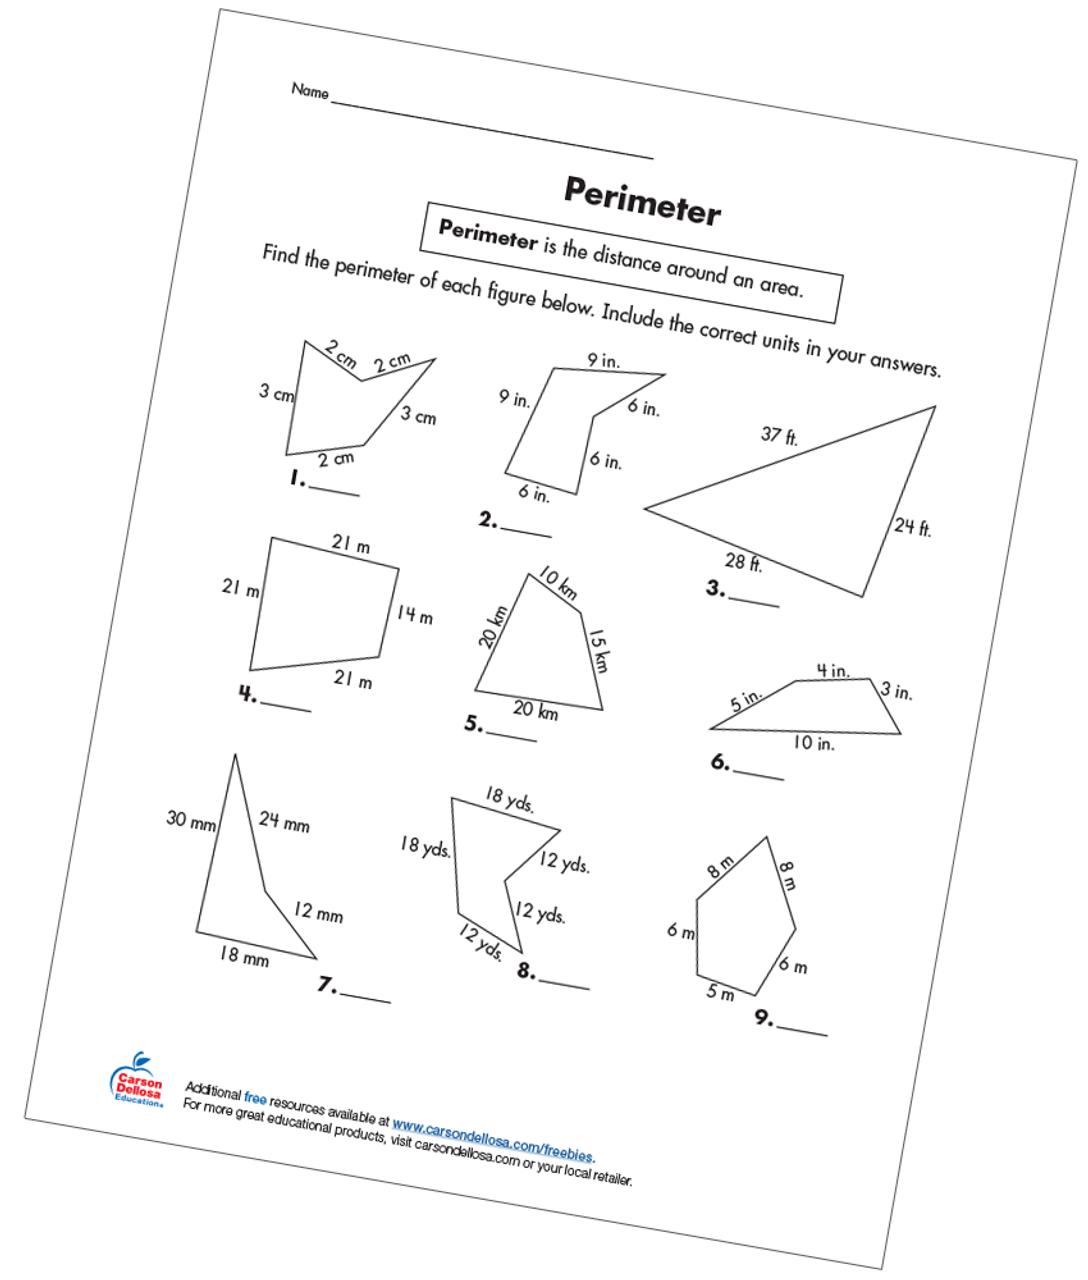 medium resolution of Perimeter Grade 3 Free Printable - Carson Dellosa Education